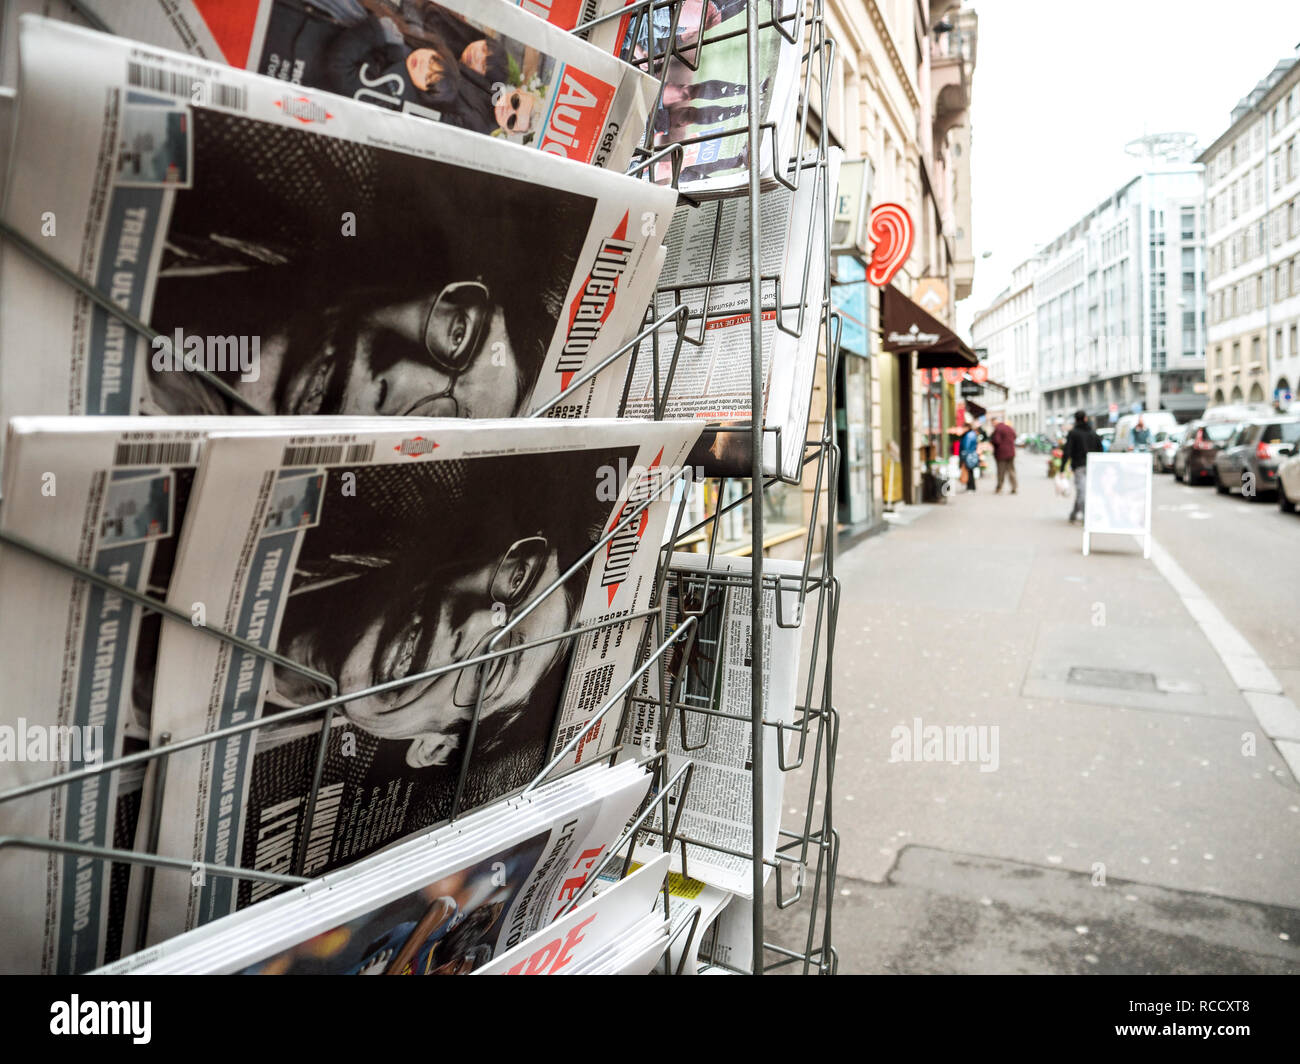 París, Francia - 15 de marzo de 2018: el periódico francés liberación con retrato de Stephen Hawking, físico teórico inglés cosmologist muertos el 14 de marzo de 2018 Foto de stock